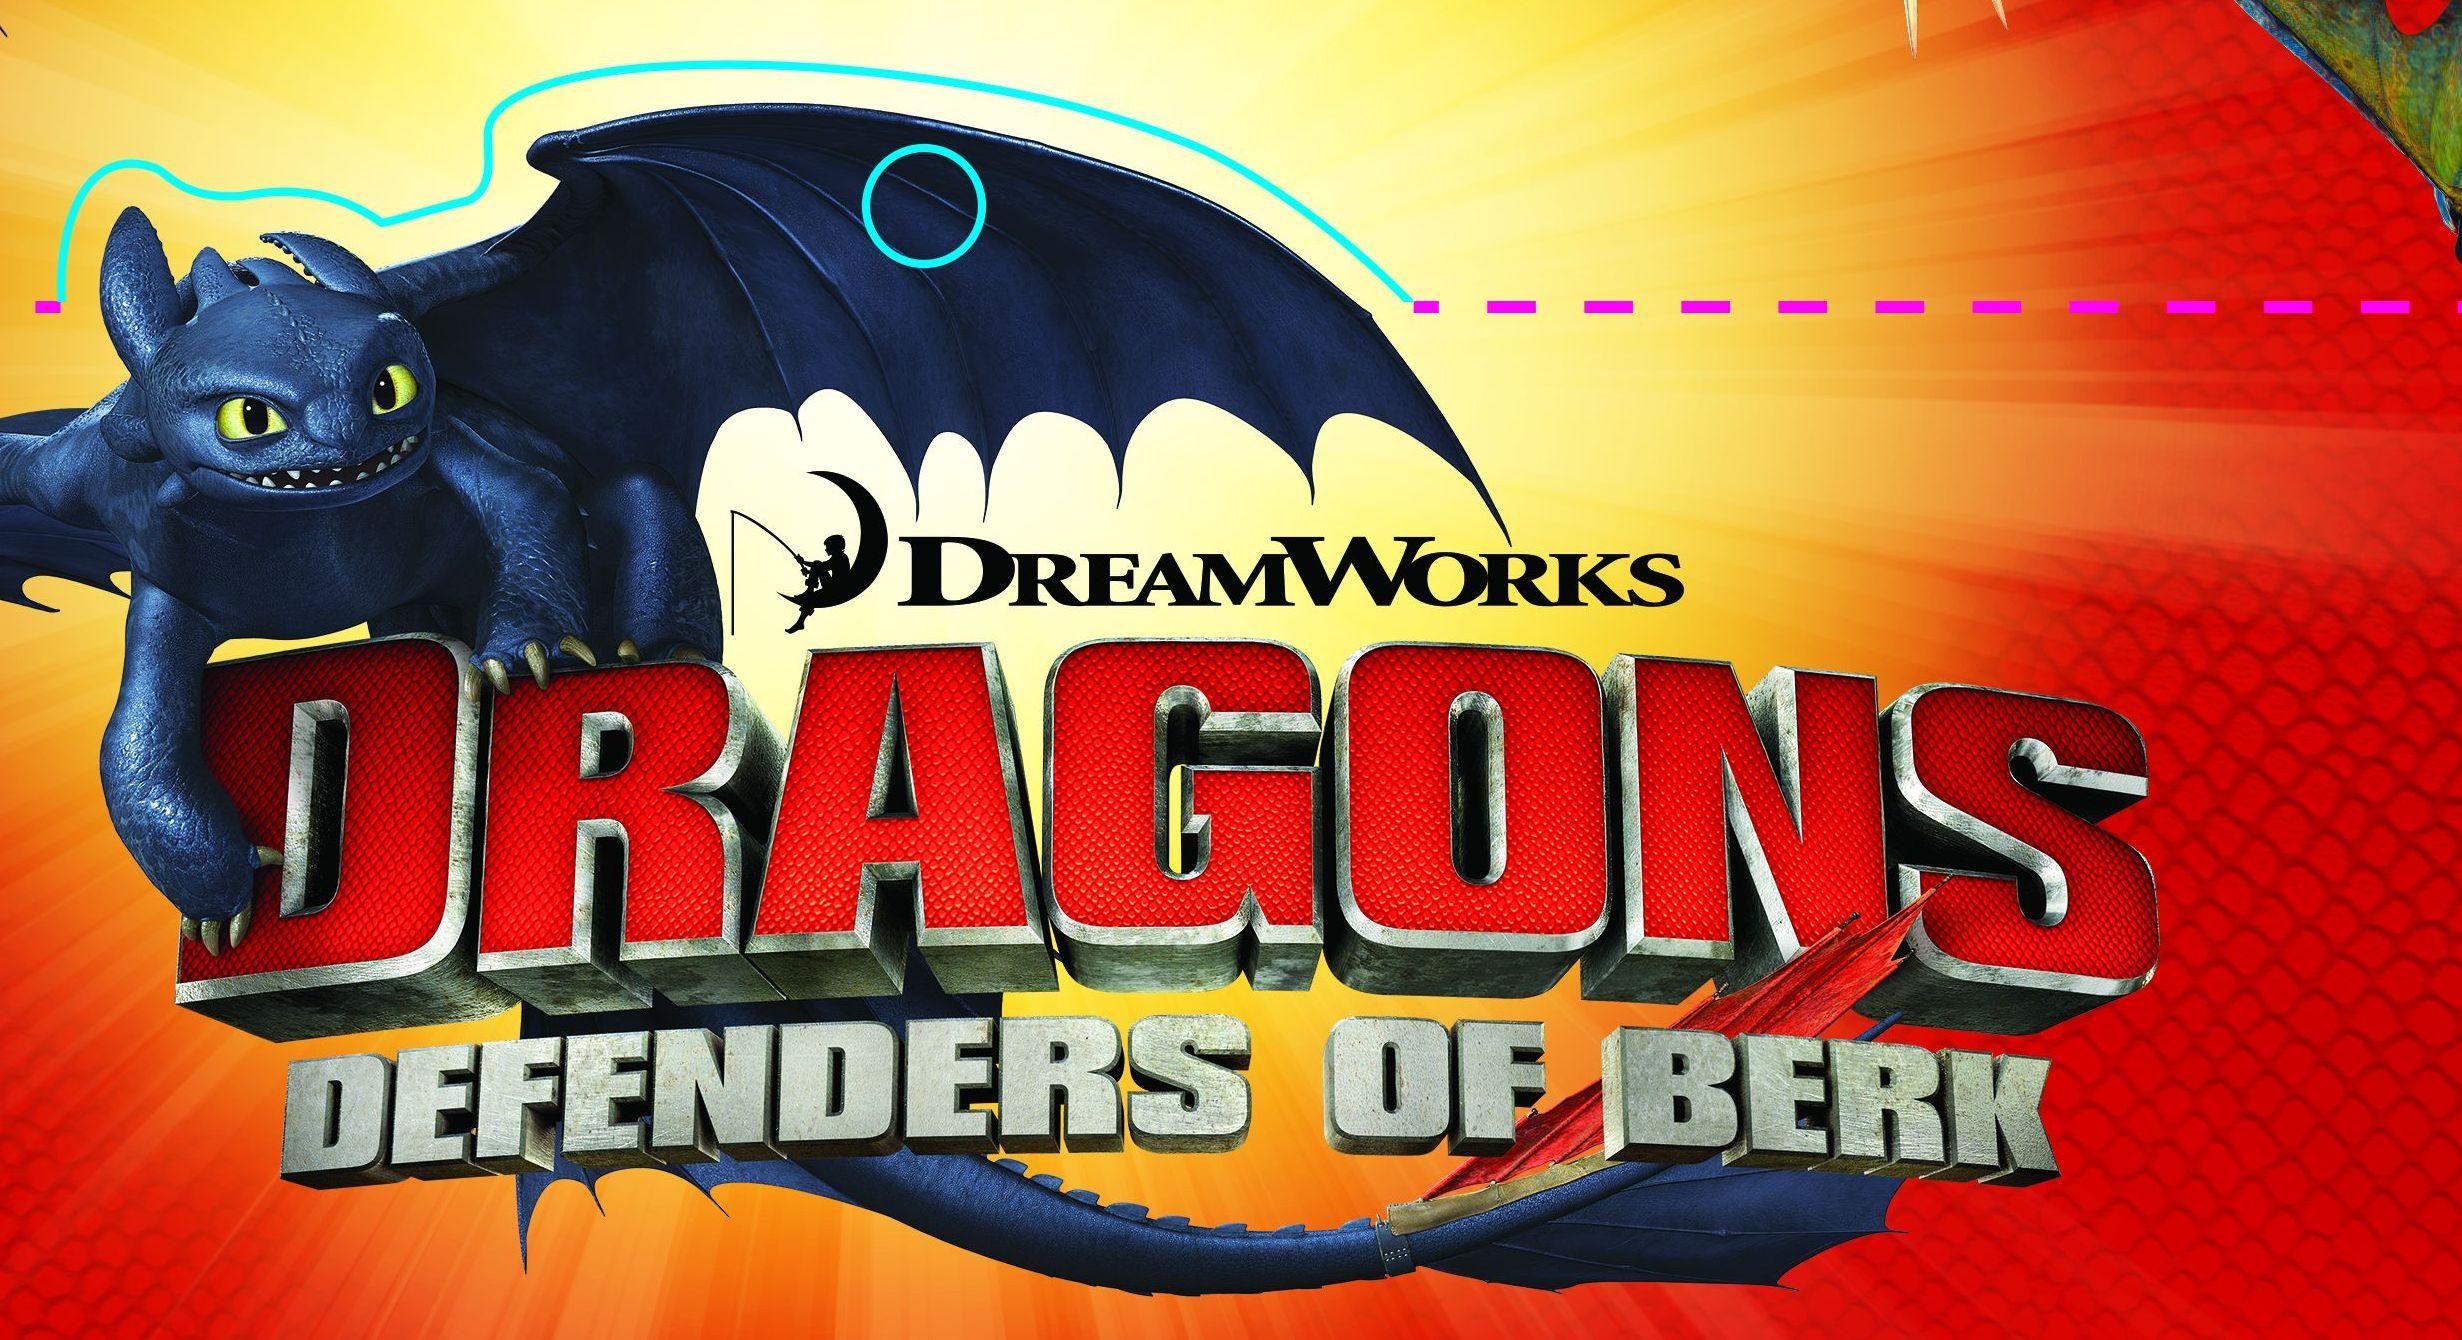 DRAGONS DEFENDERS OF BERK (1).jpg